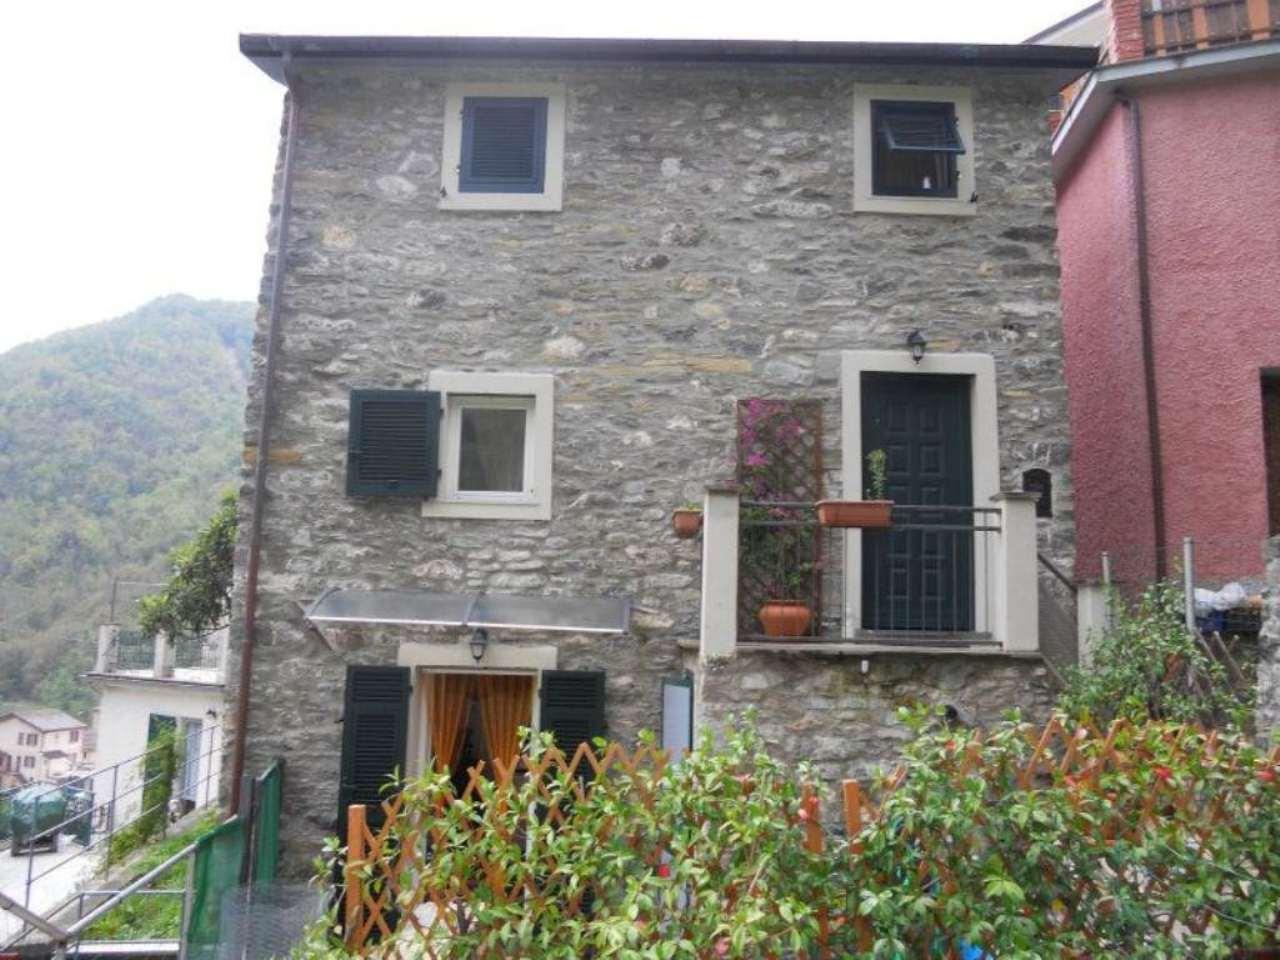 Soluzione Indipendente in vendita a Lorsica, 4 locali, prezzo € 74.000 | Cambio Casa.it